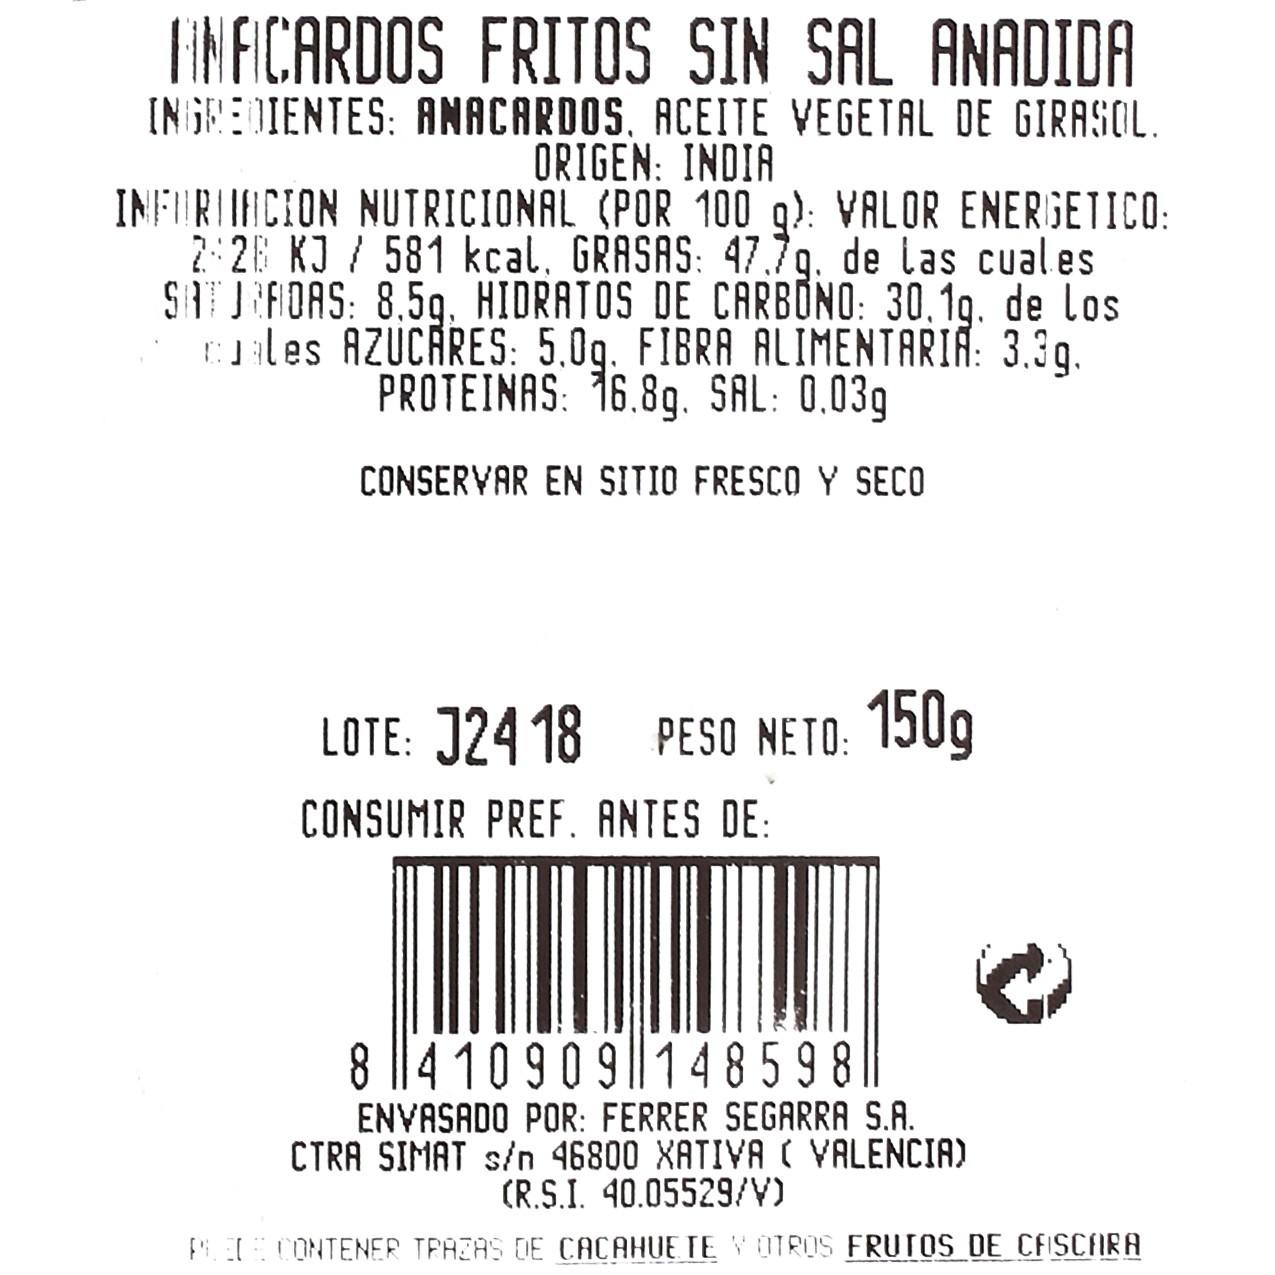 Anacardos fritos sin sal - 3